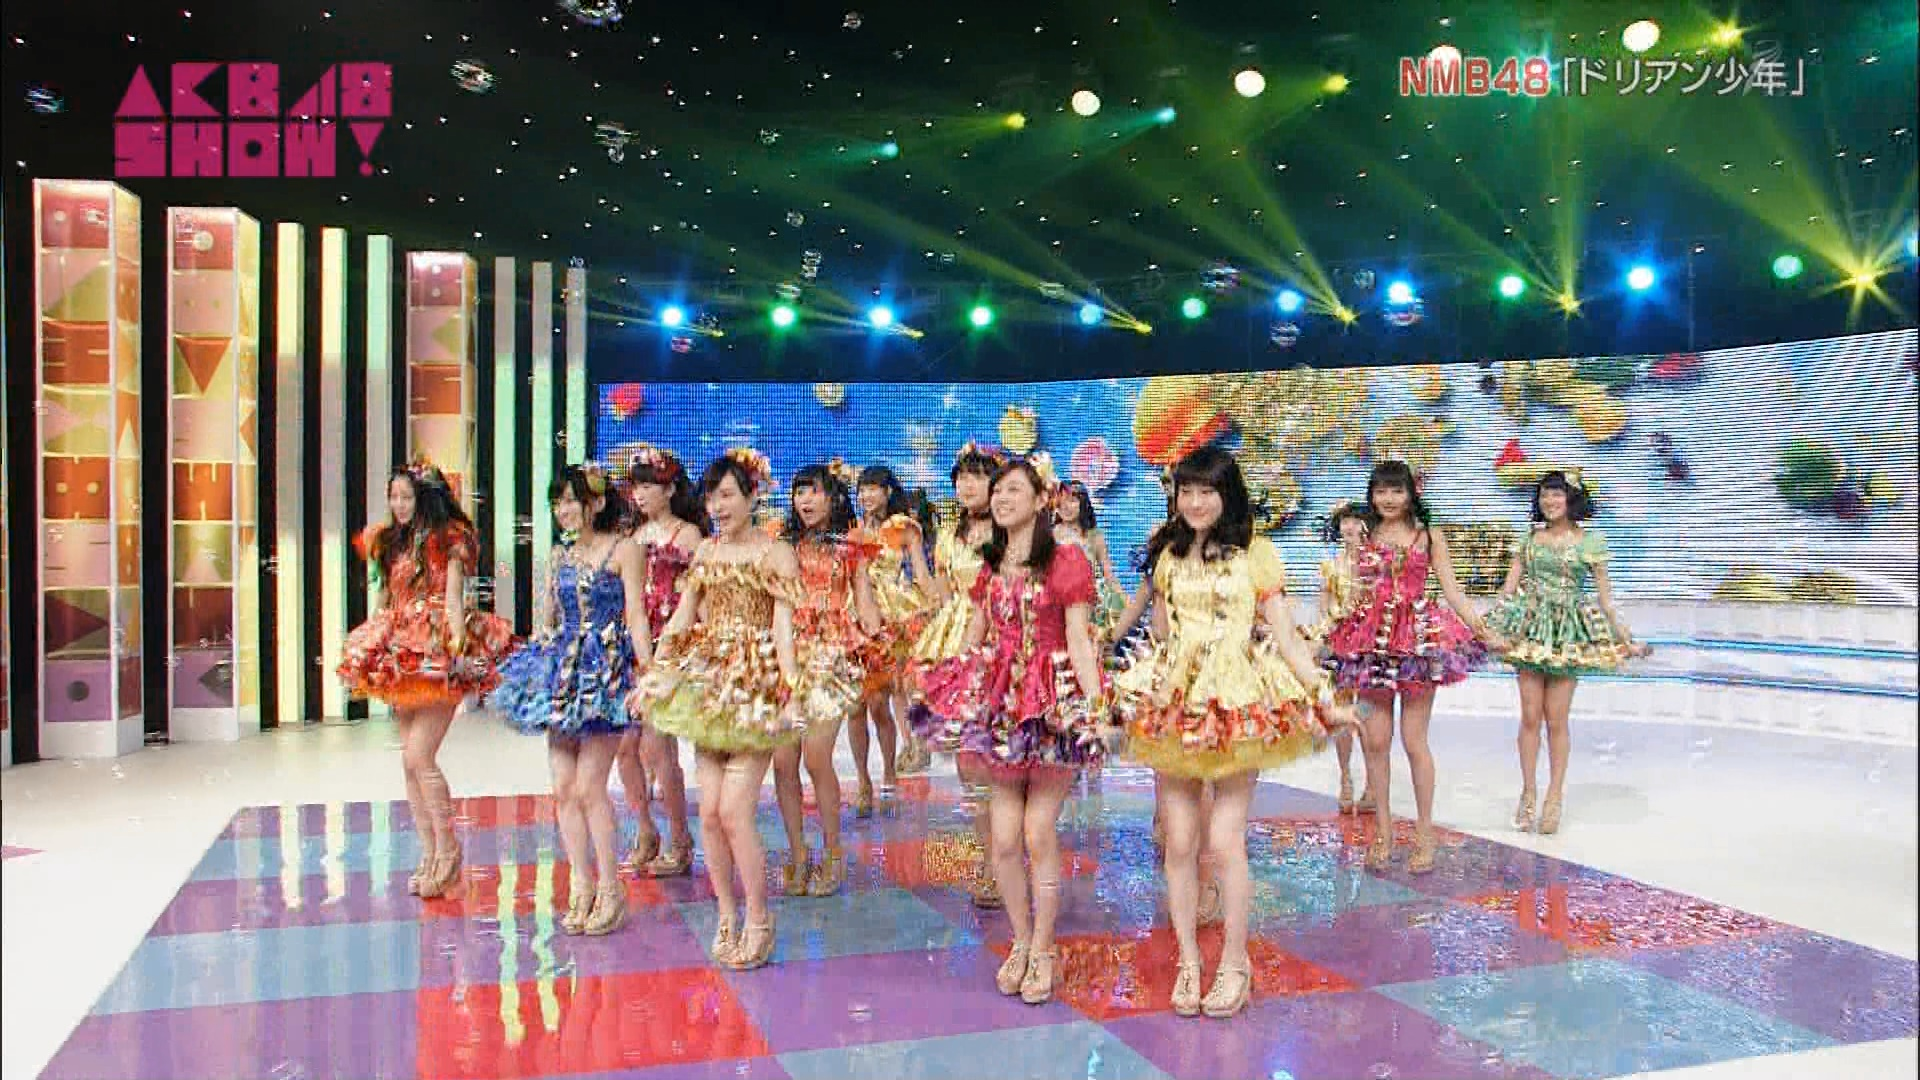 矢倉楓子 NMB48ドリアン少年 AKB48SHOW20150613 (13)